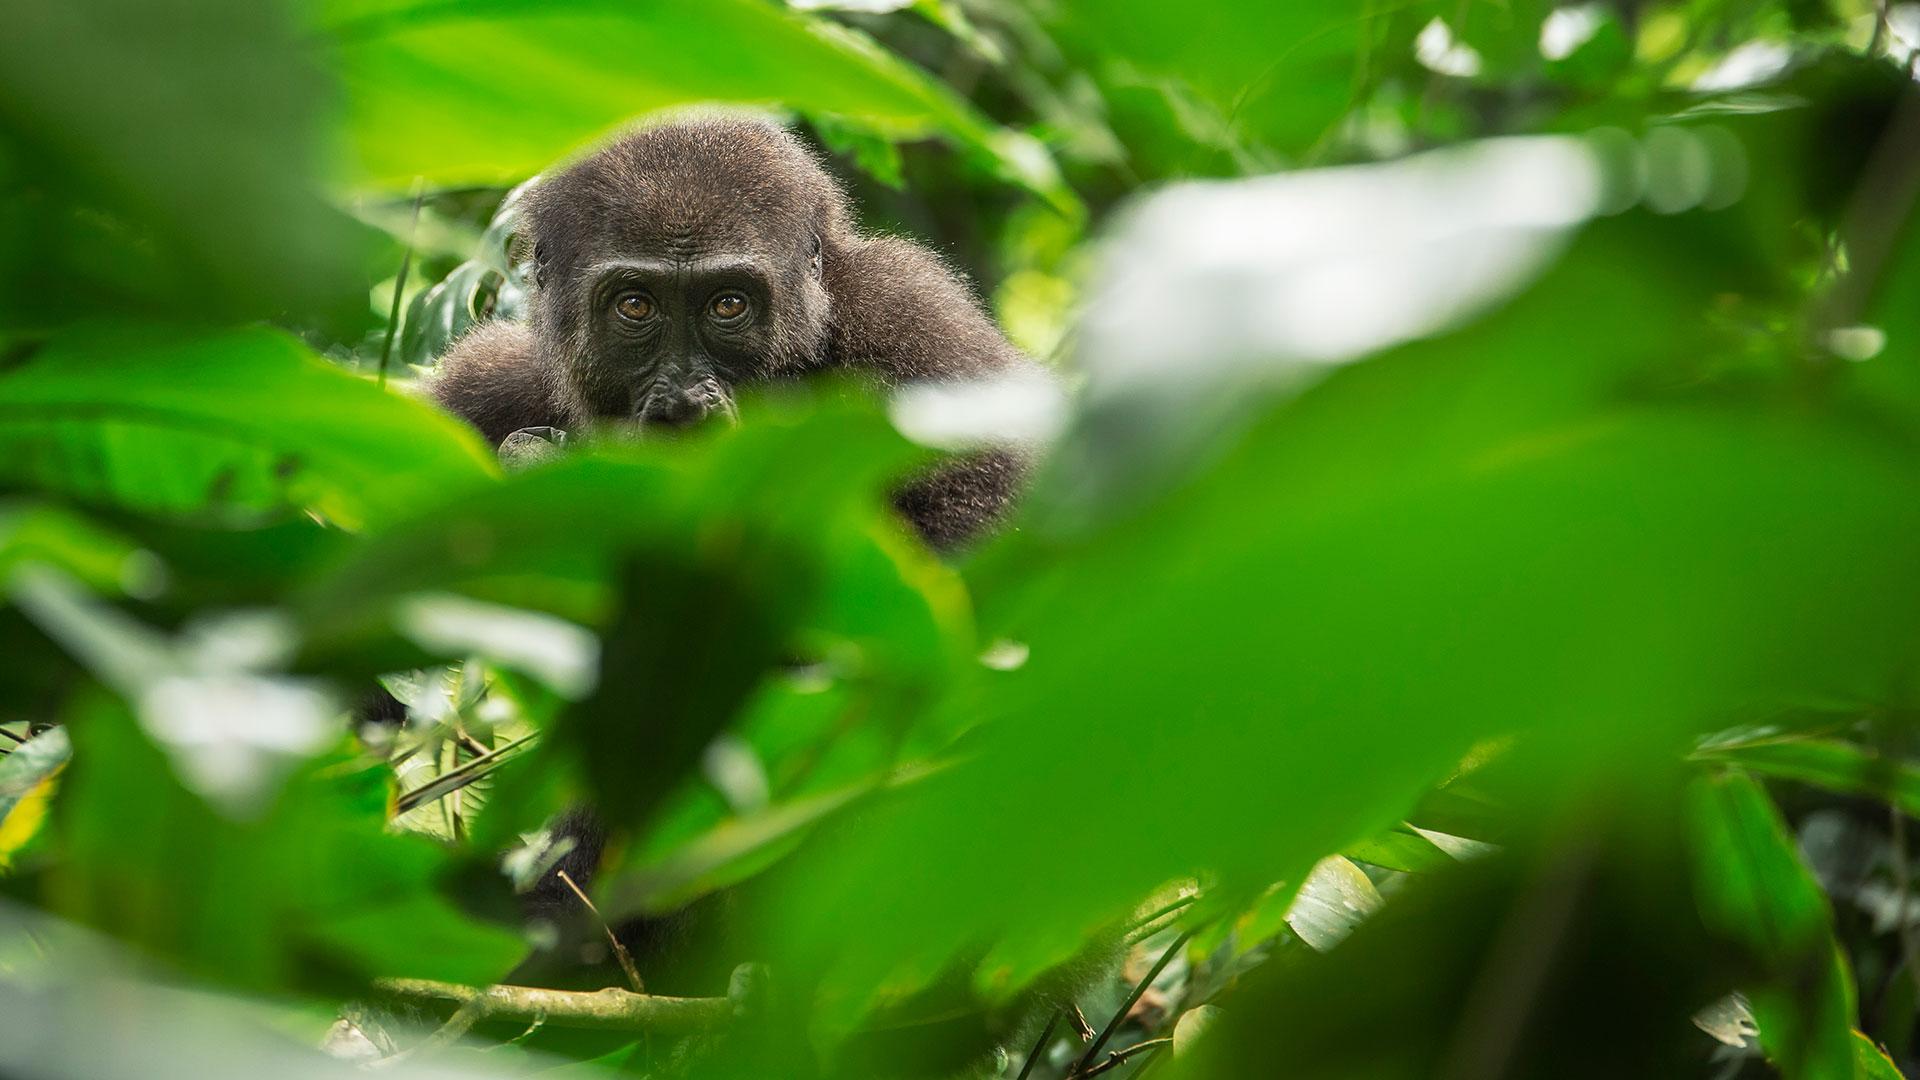 Western lowland gorilla peers through marantaceae foliage in Odzala Kokoua National Park, Congo